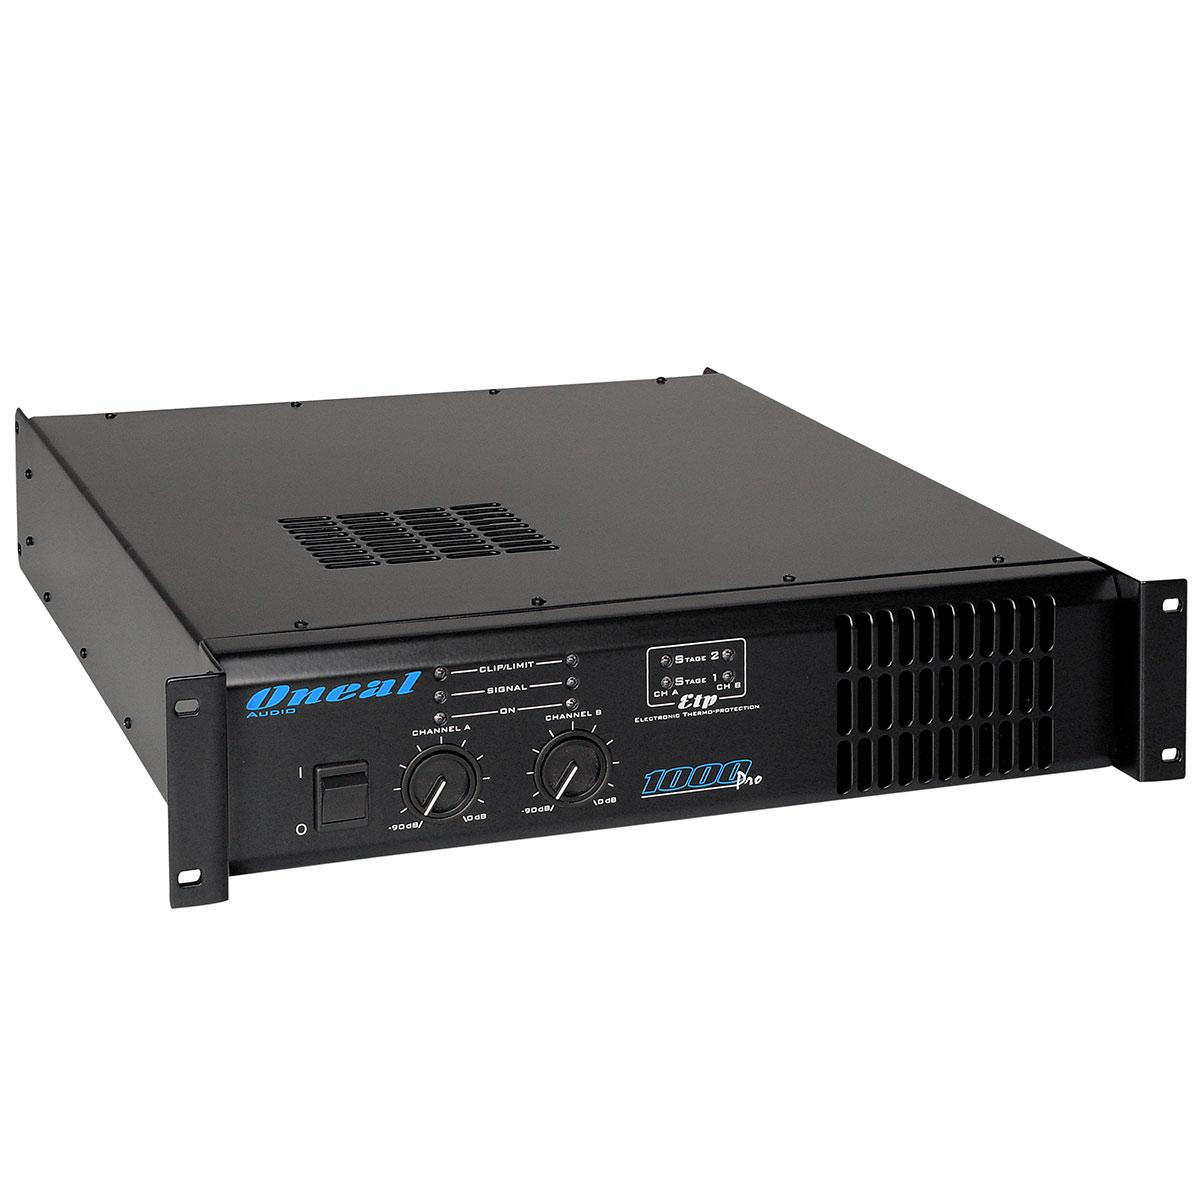 1000PRO - Amplificador Est�reo 2 Canais 1000W 1000 PRO - Oneal